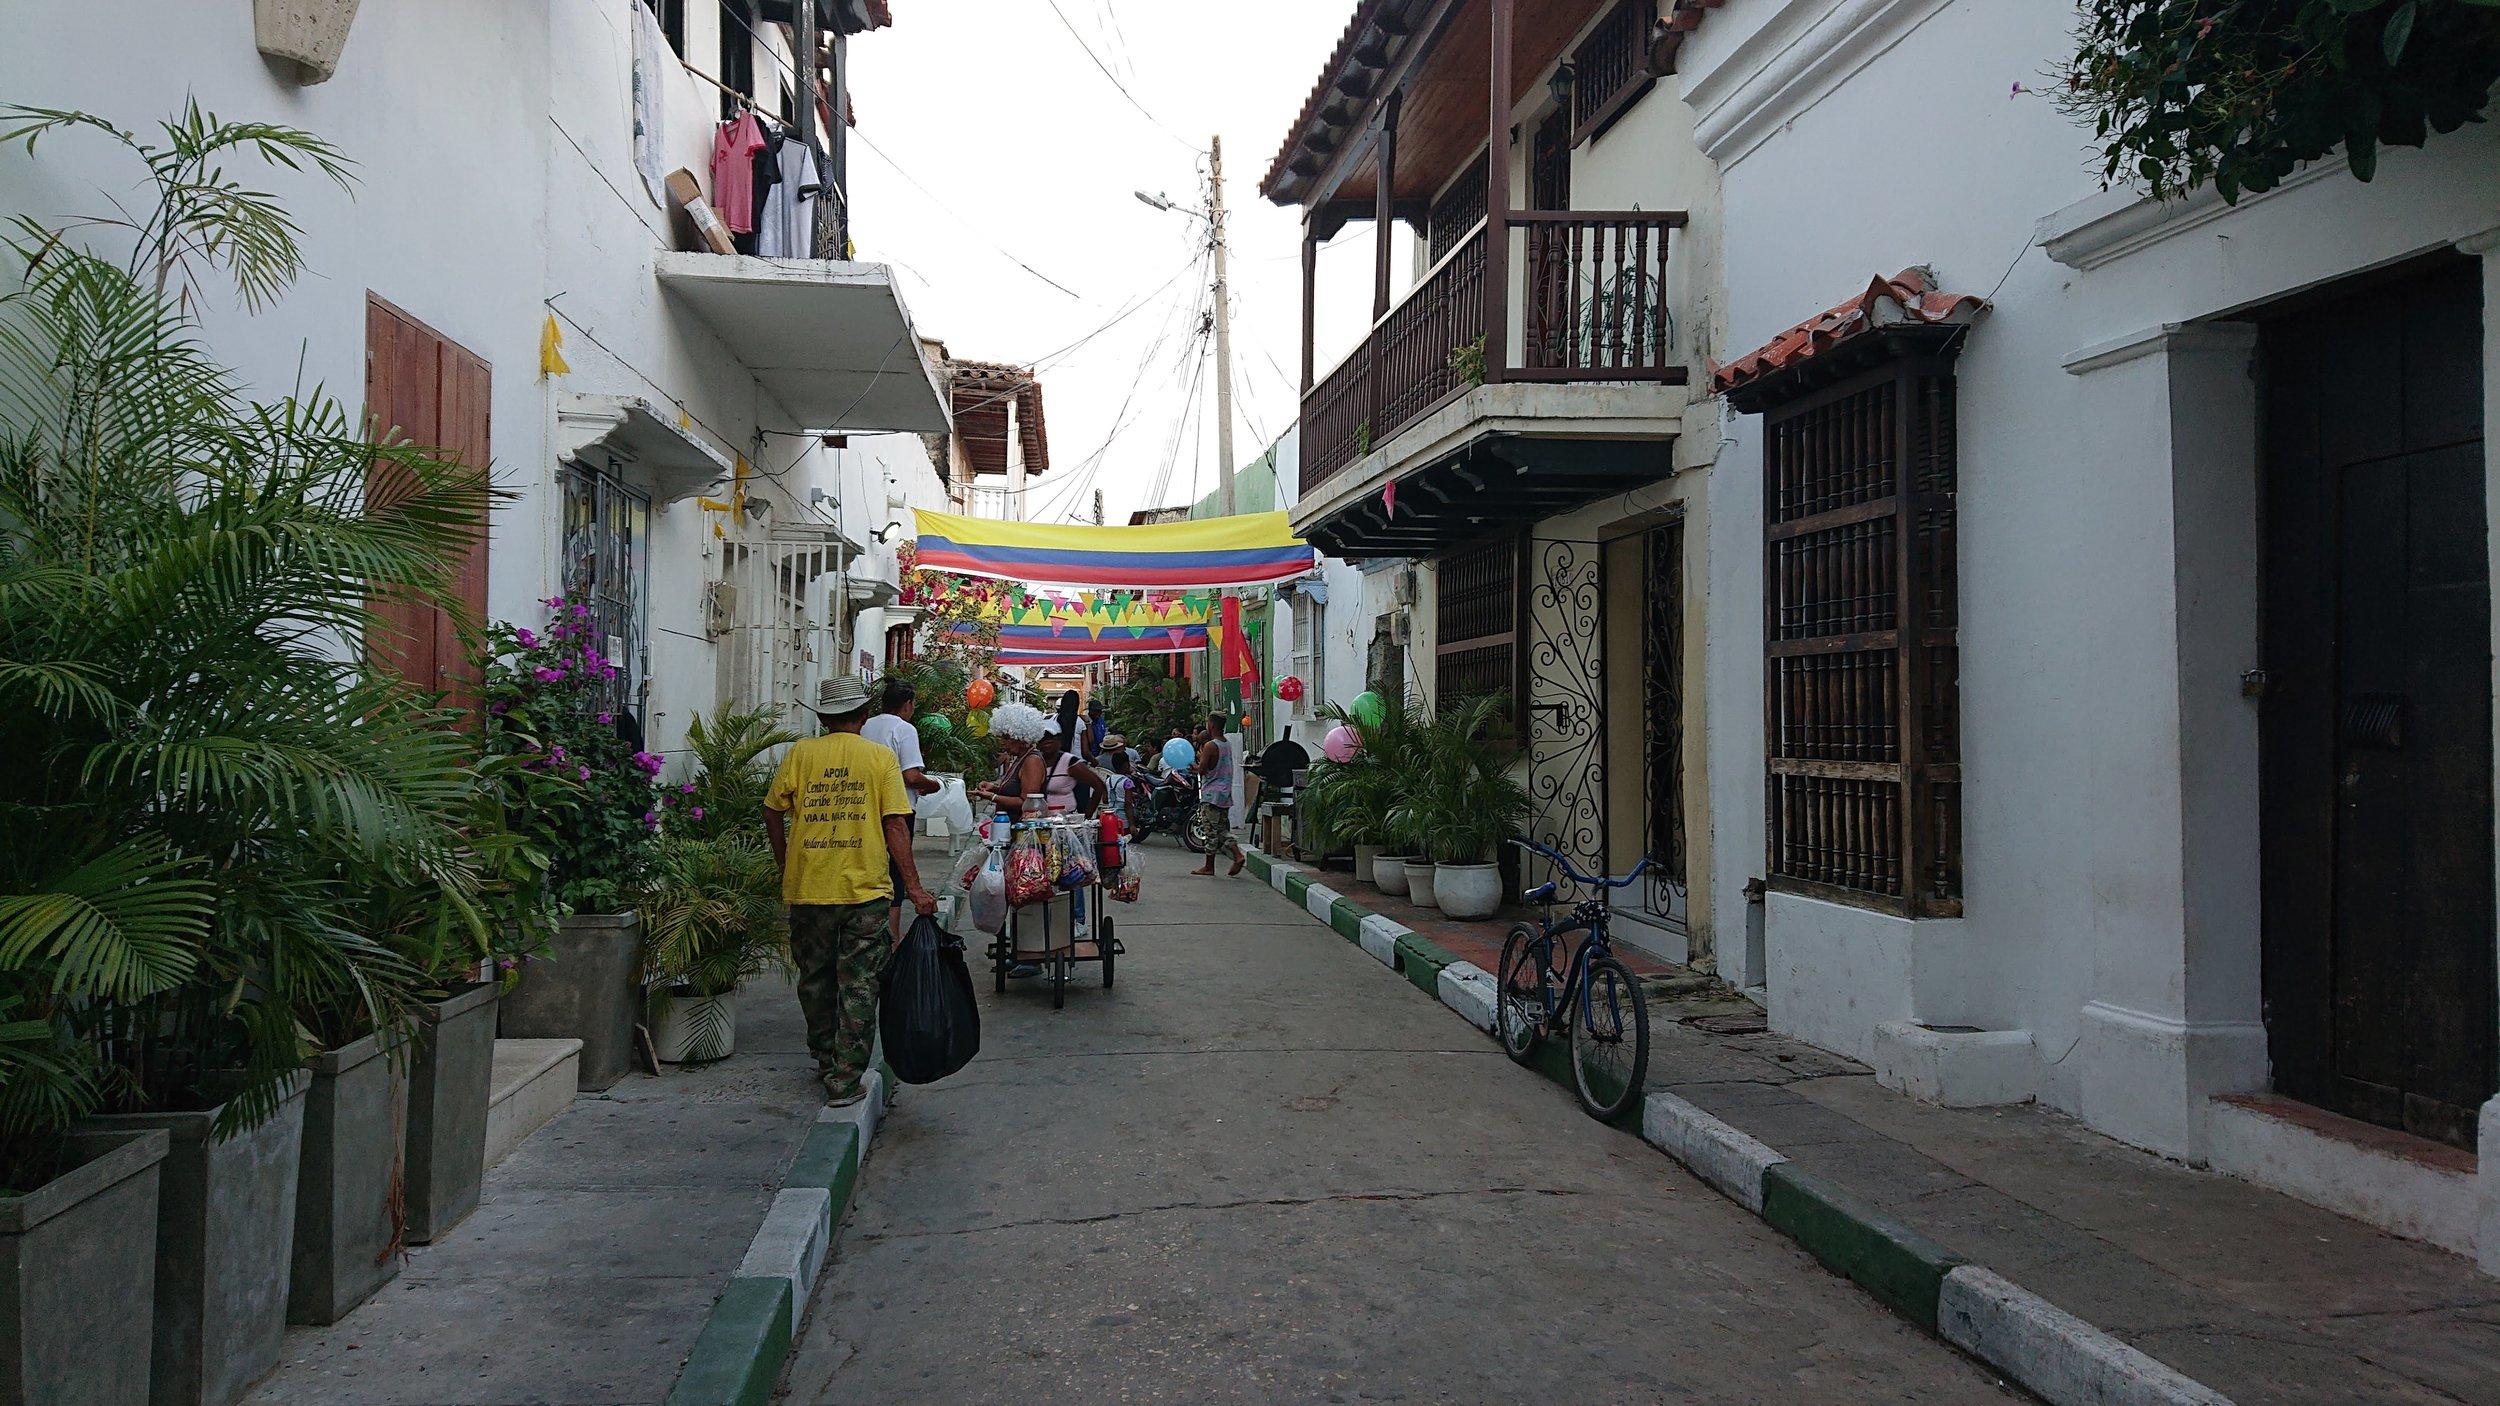 The streets of Cartagena are decorated for party. Las calles de cartagena están decoradas para las fiestas.  Photo by: Kaia Vedlog Kveen.